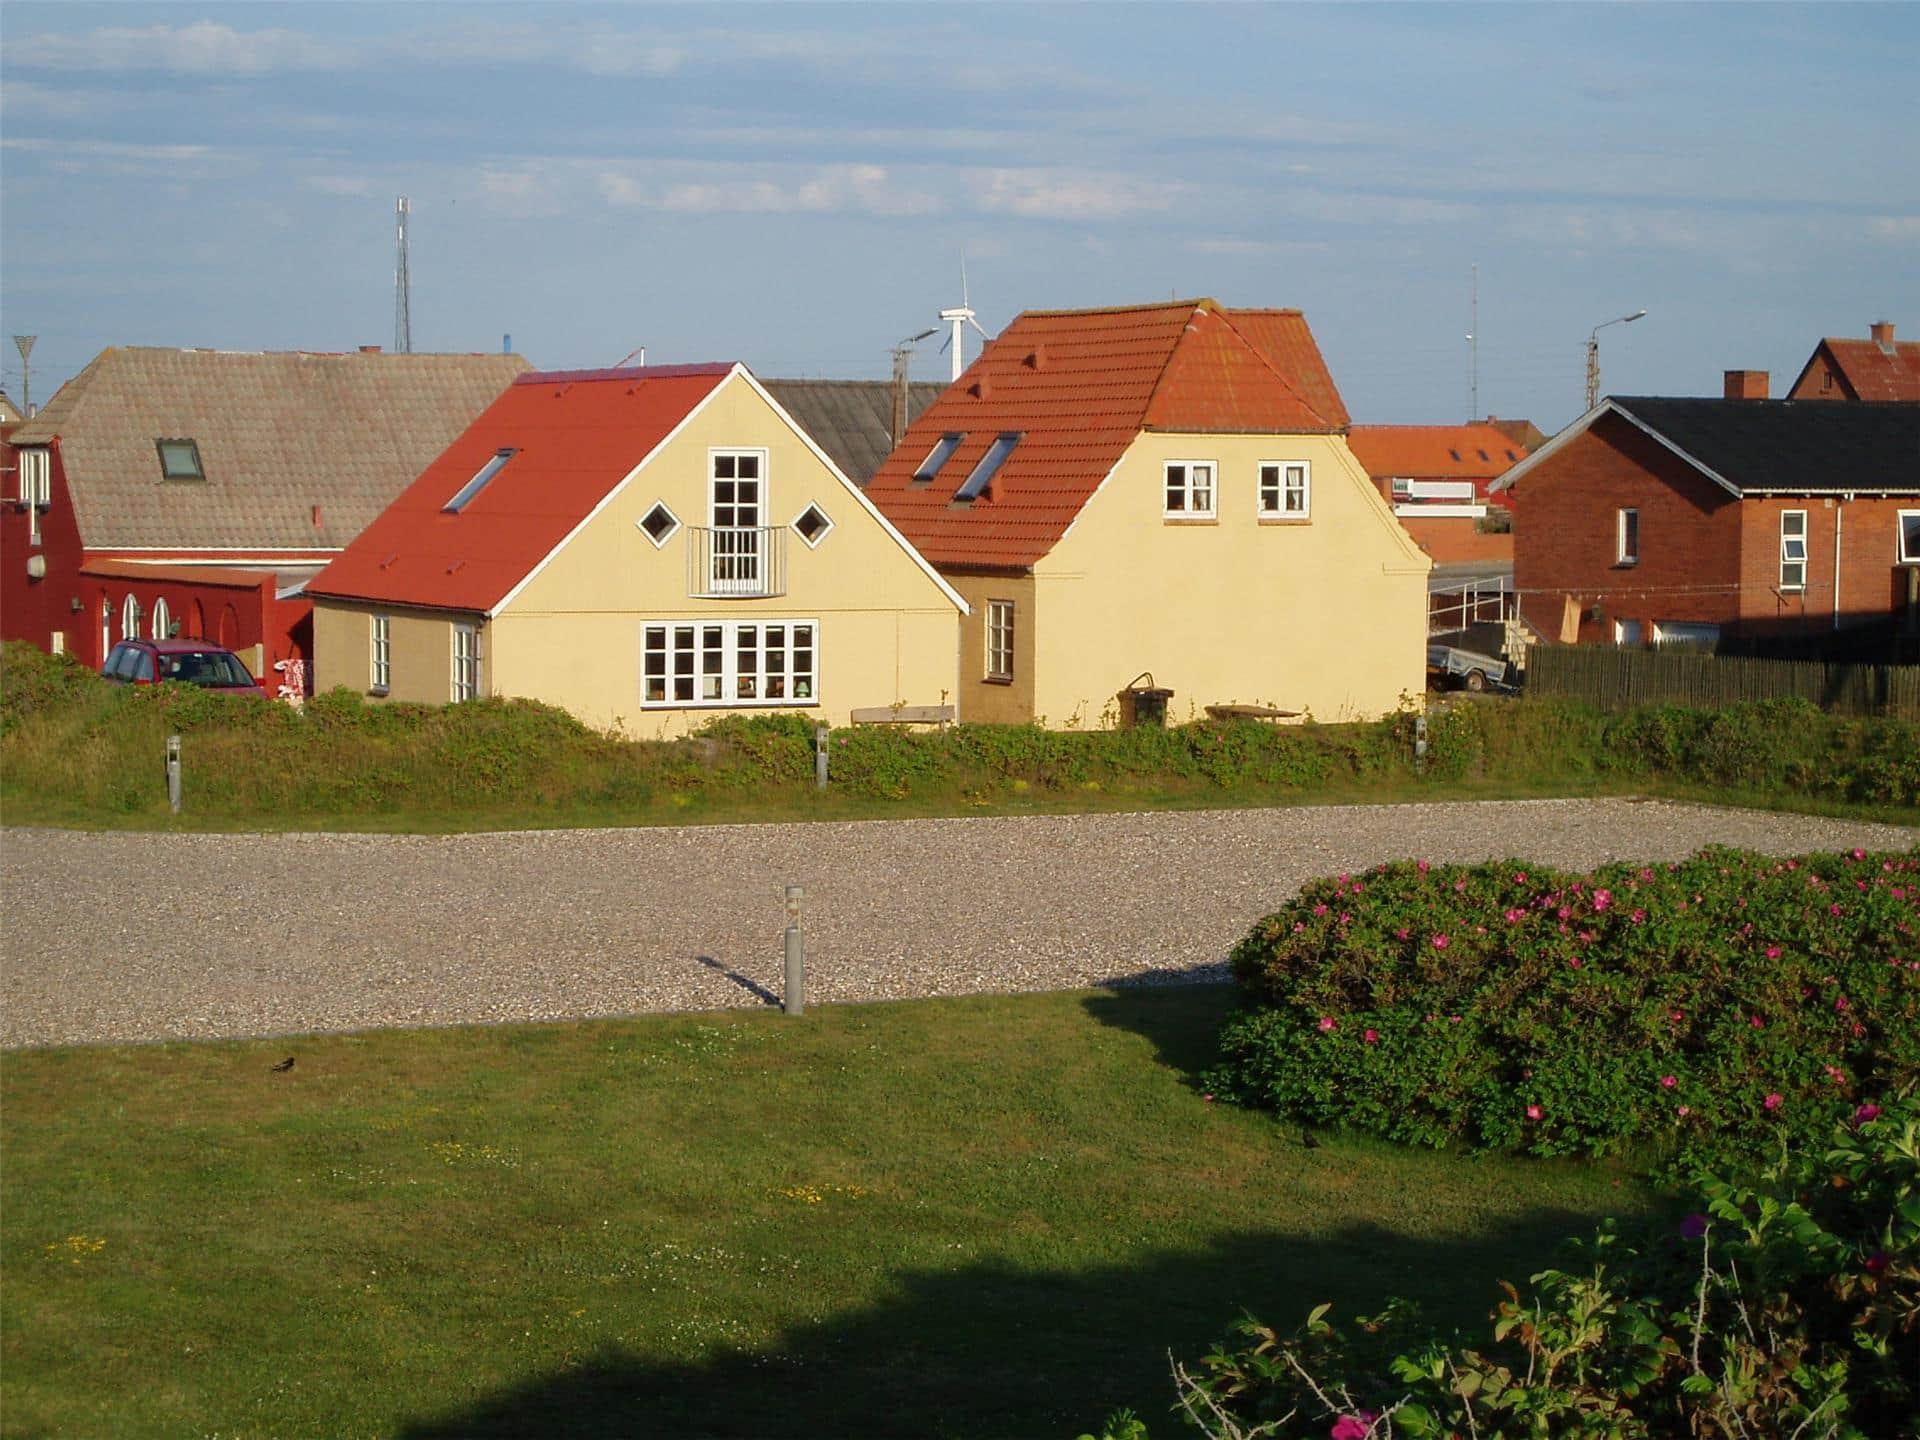 Afbeelding 1-175 Vakantiehuis 70282, Kirkevej 2, DK - 6990 Ulfborg